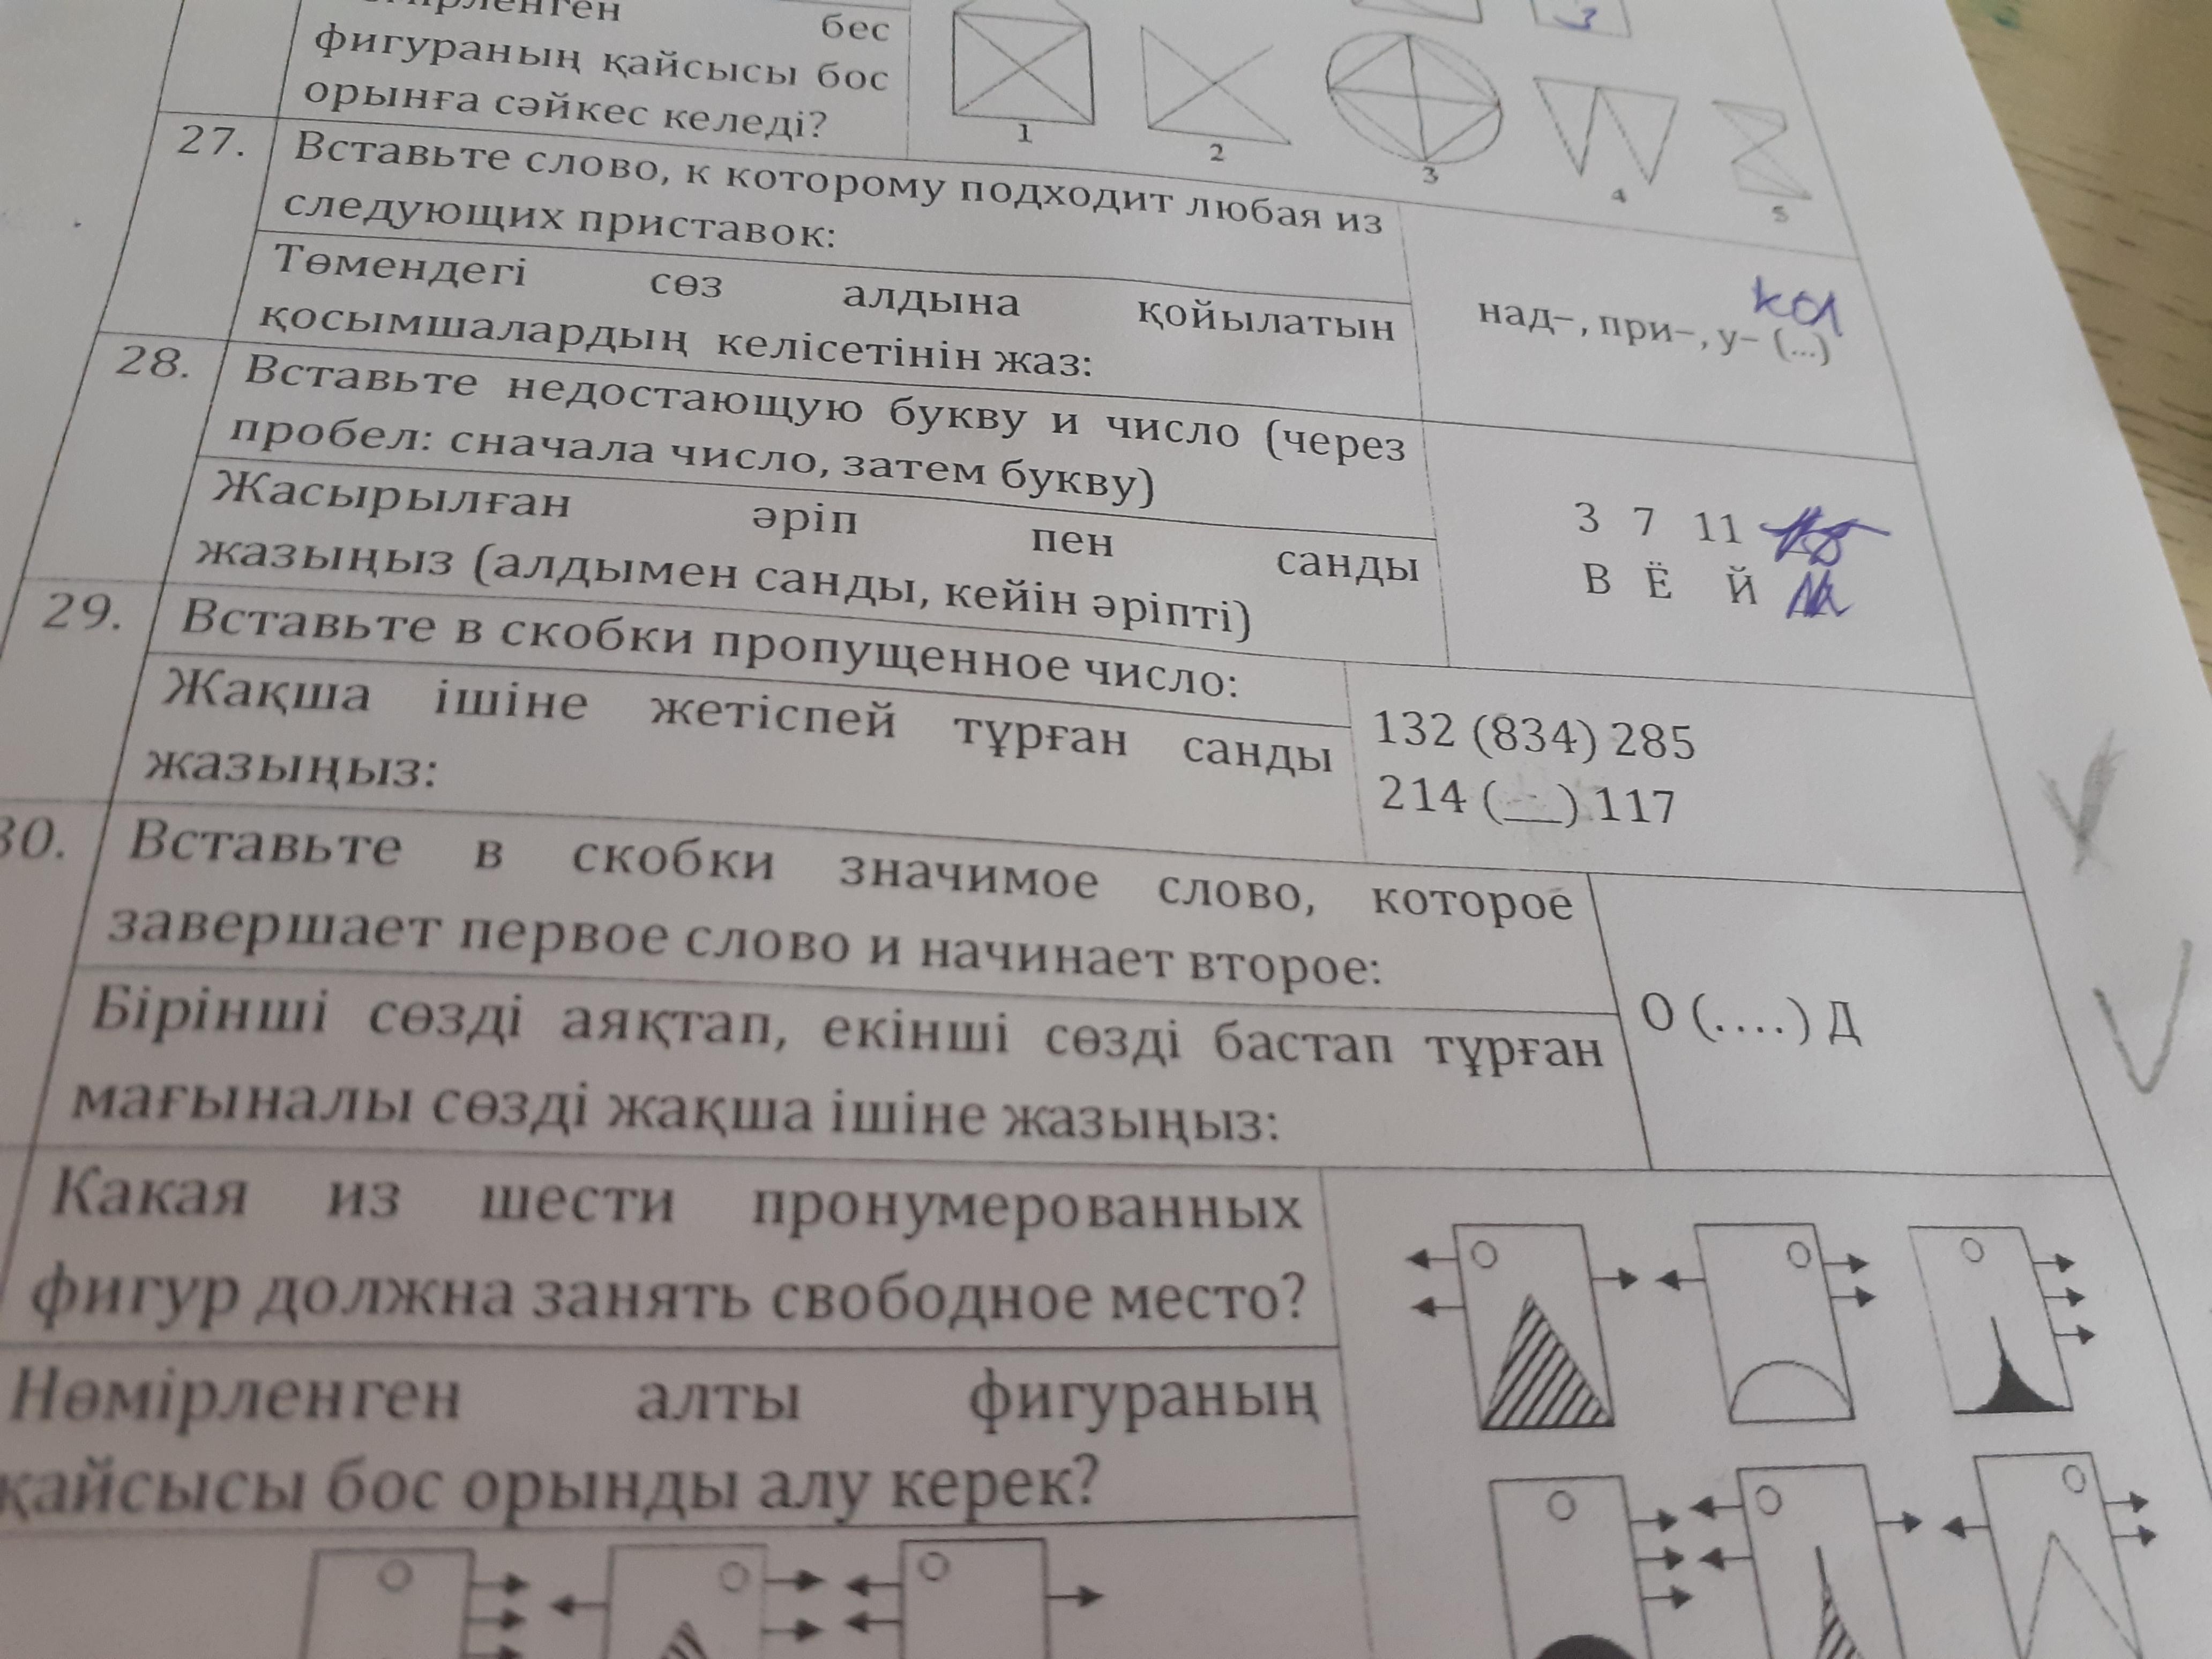 Не могу решить 29 и 30, помогите пожалуйста!!